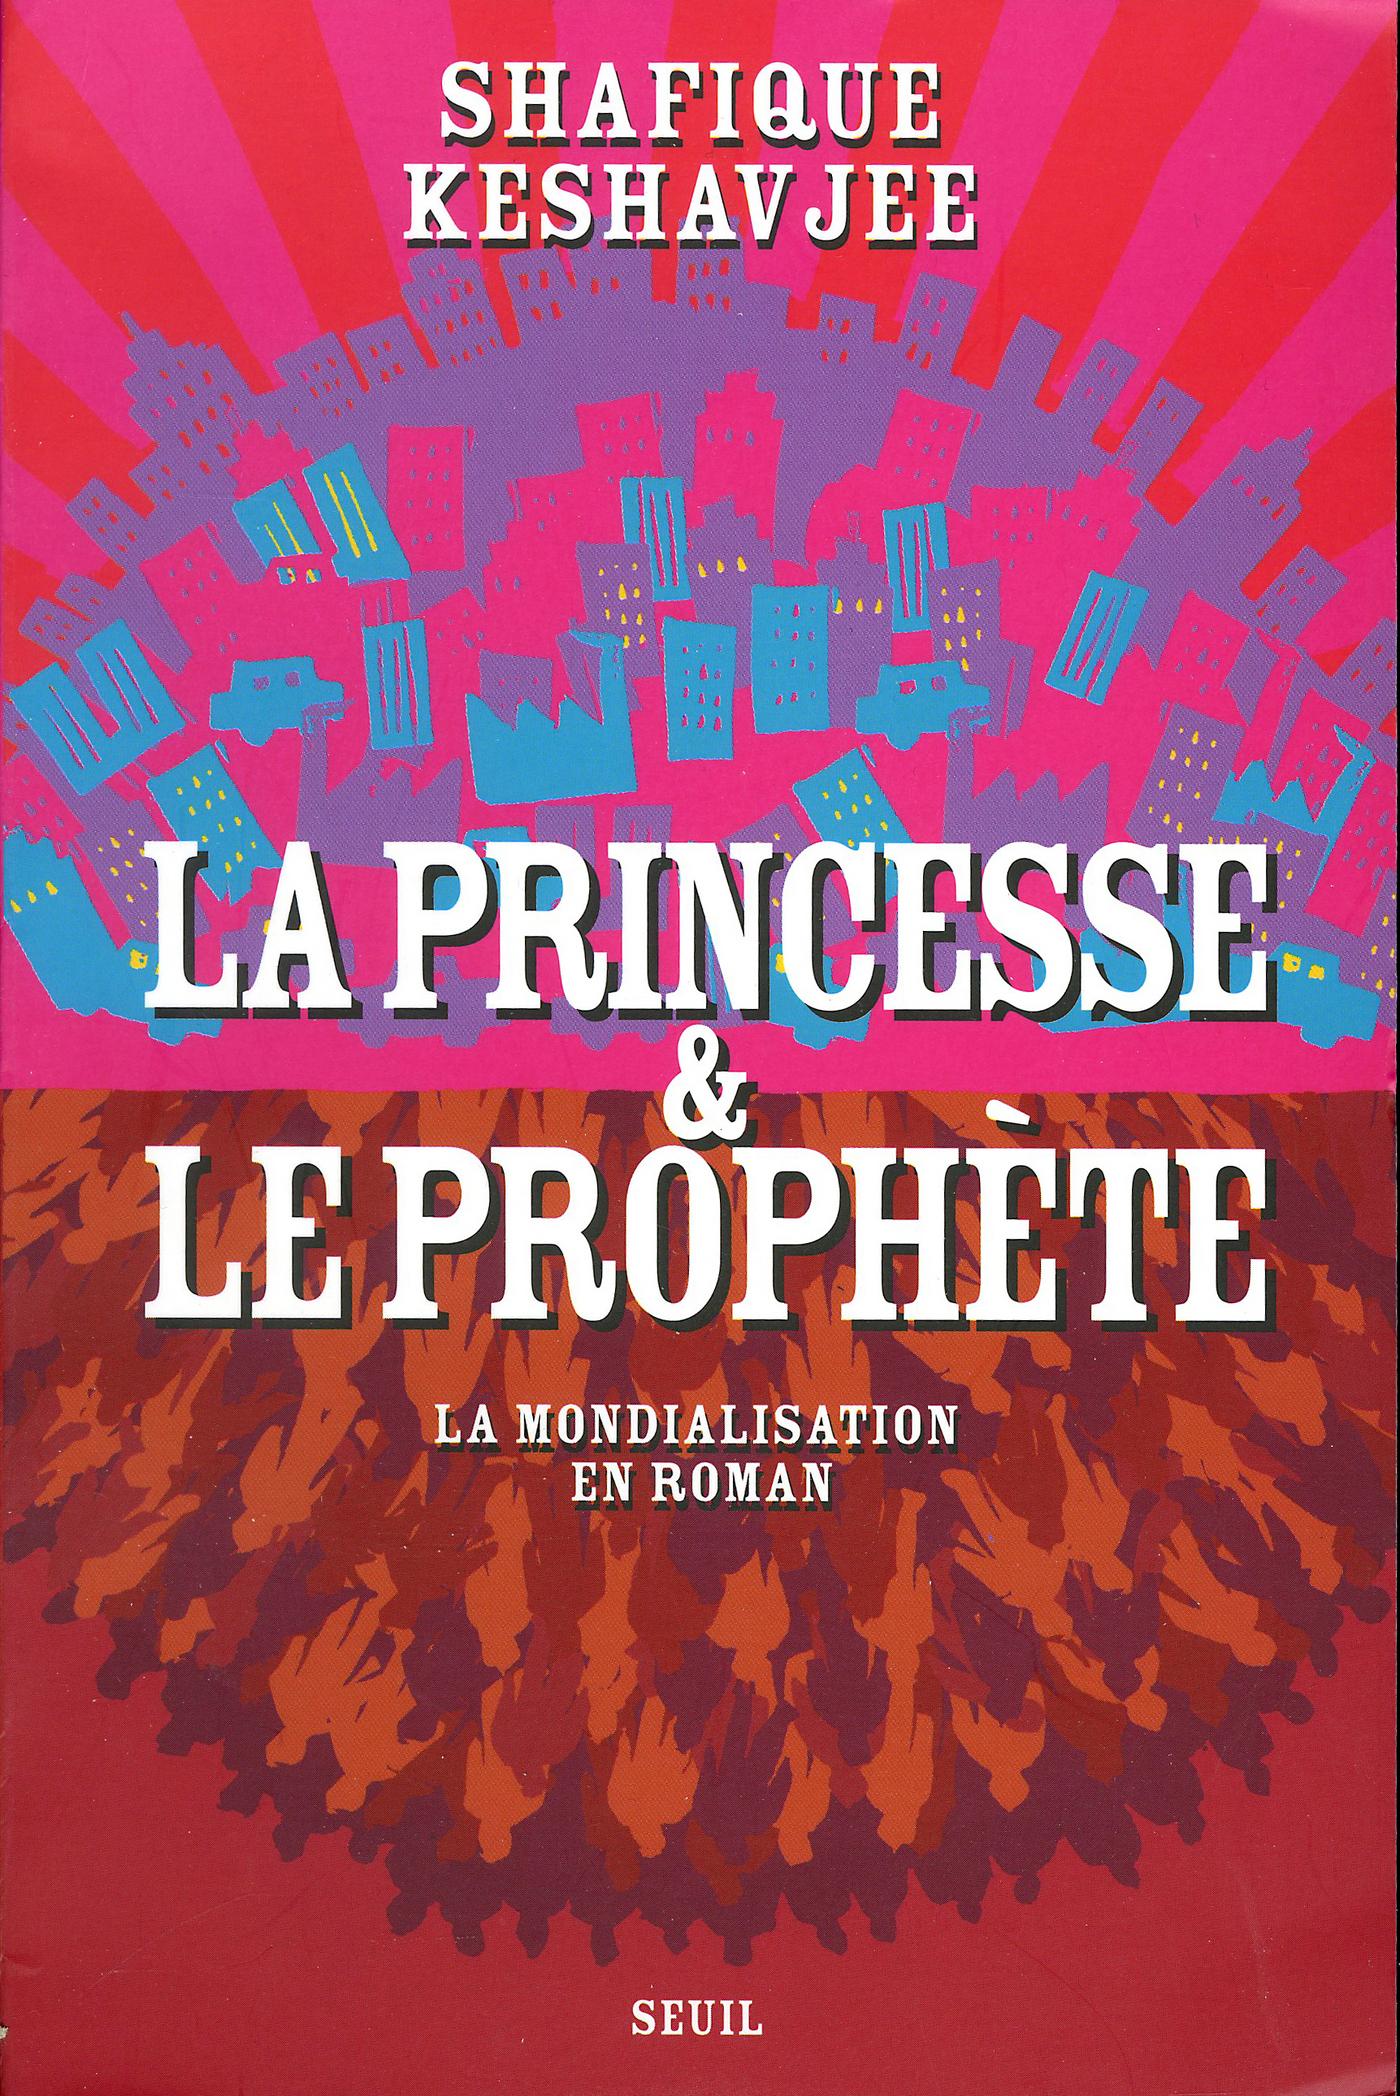 La Princesse et le Prophète. La mondialisation en roman